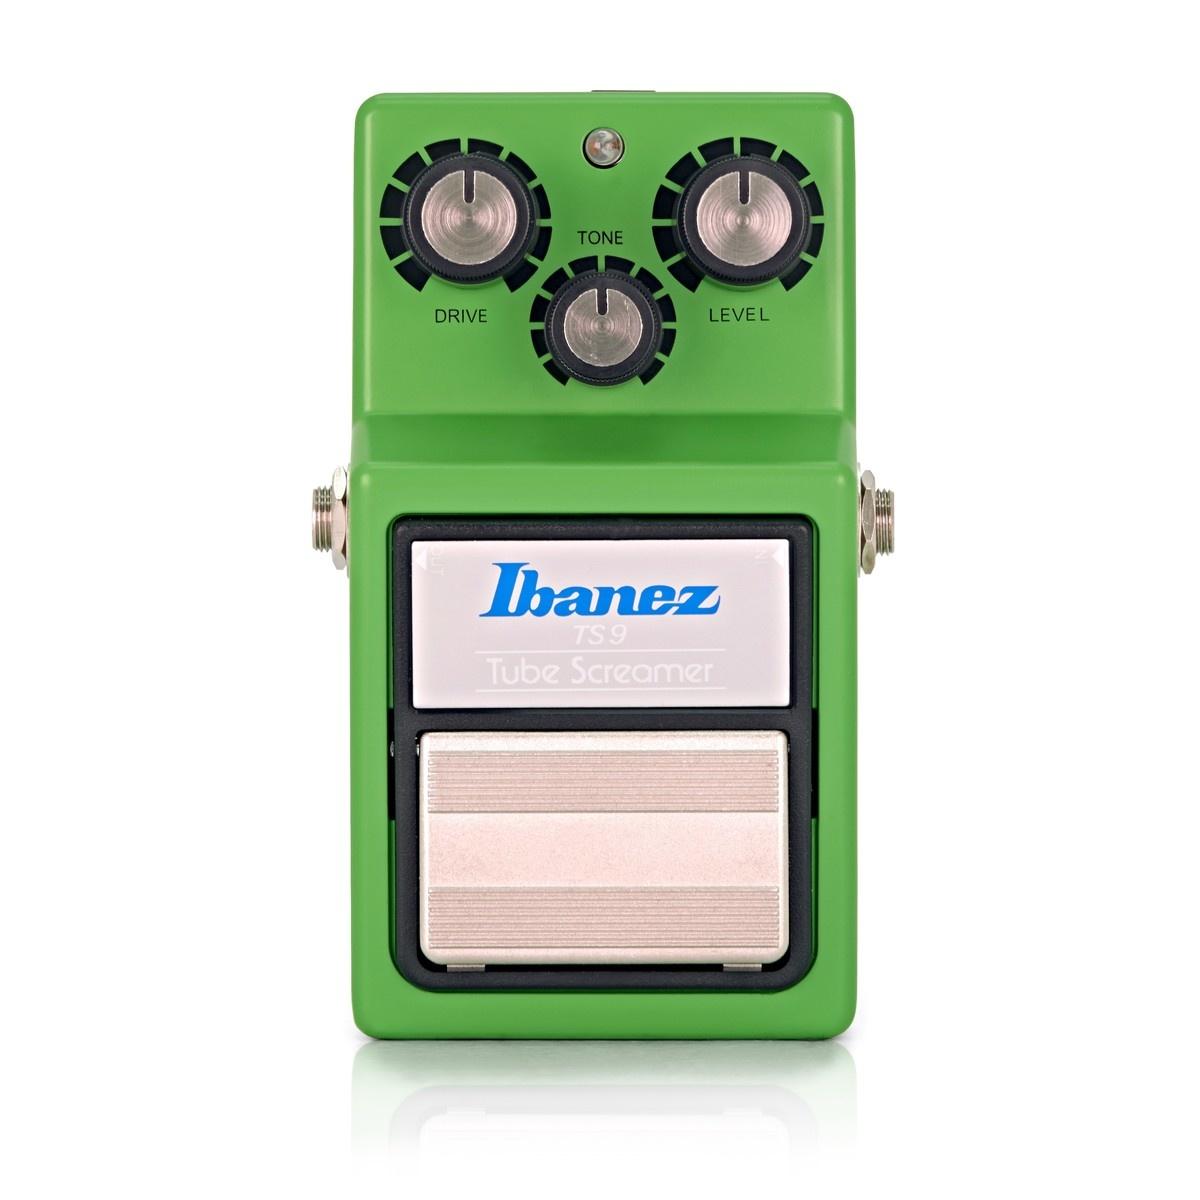 Ibanez Ibanez TS9 Tubescreamer